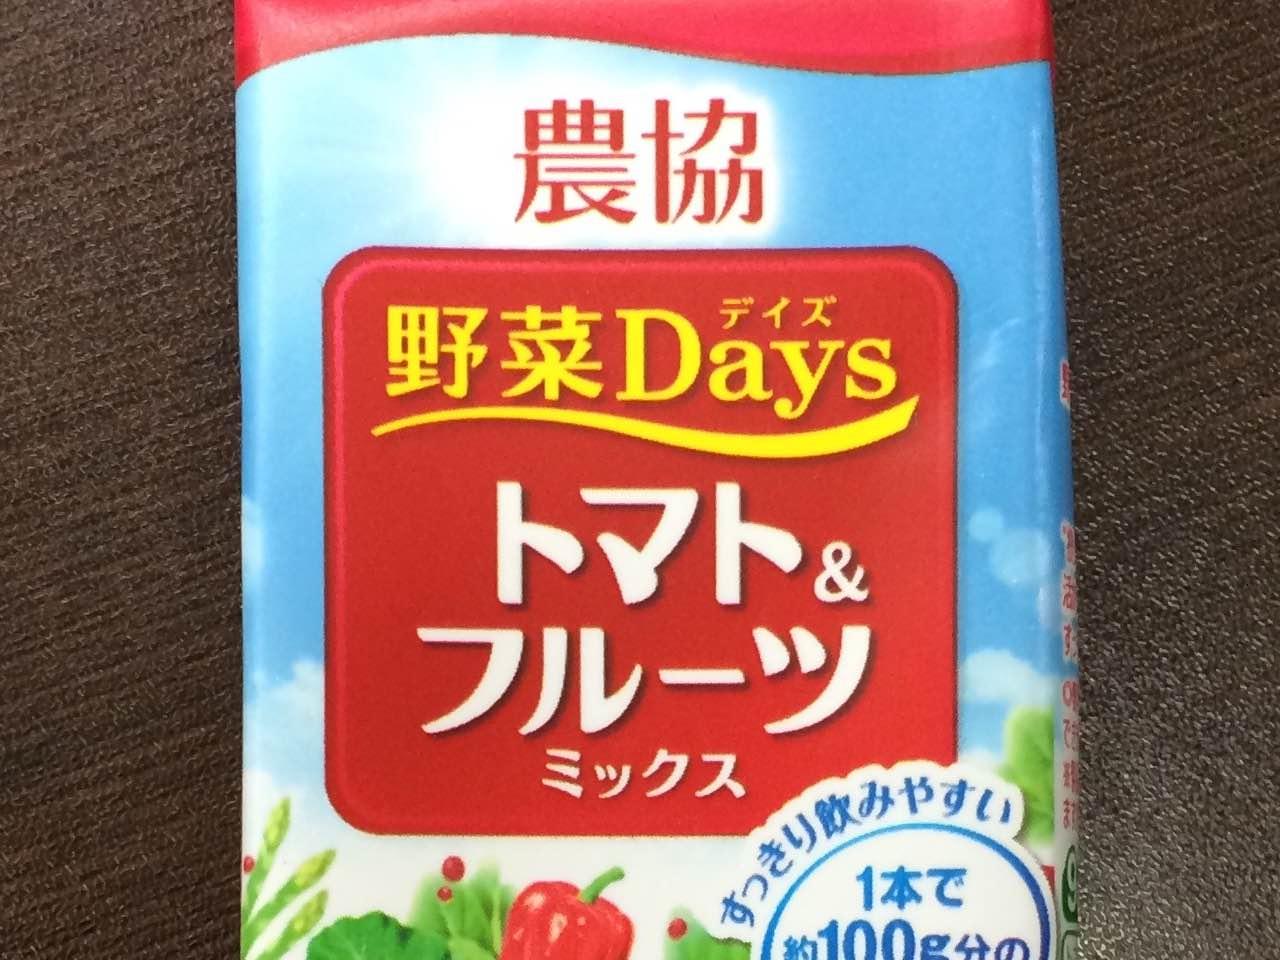 農協 野菜Days トマト&フルーツミックス